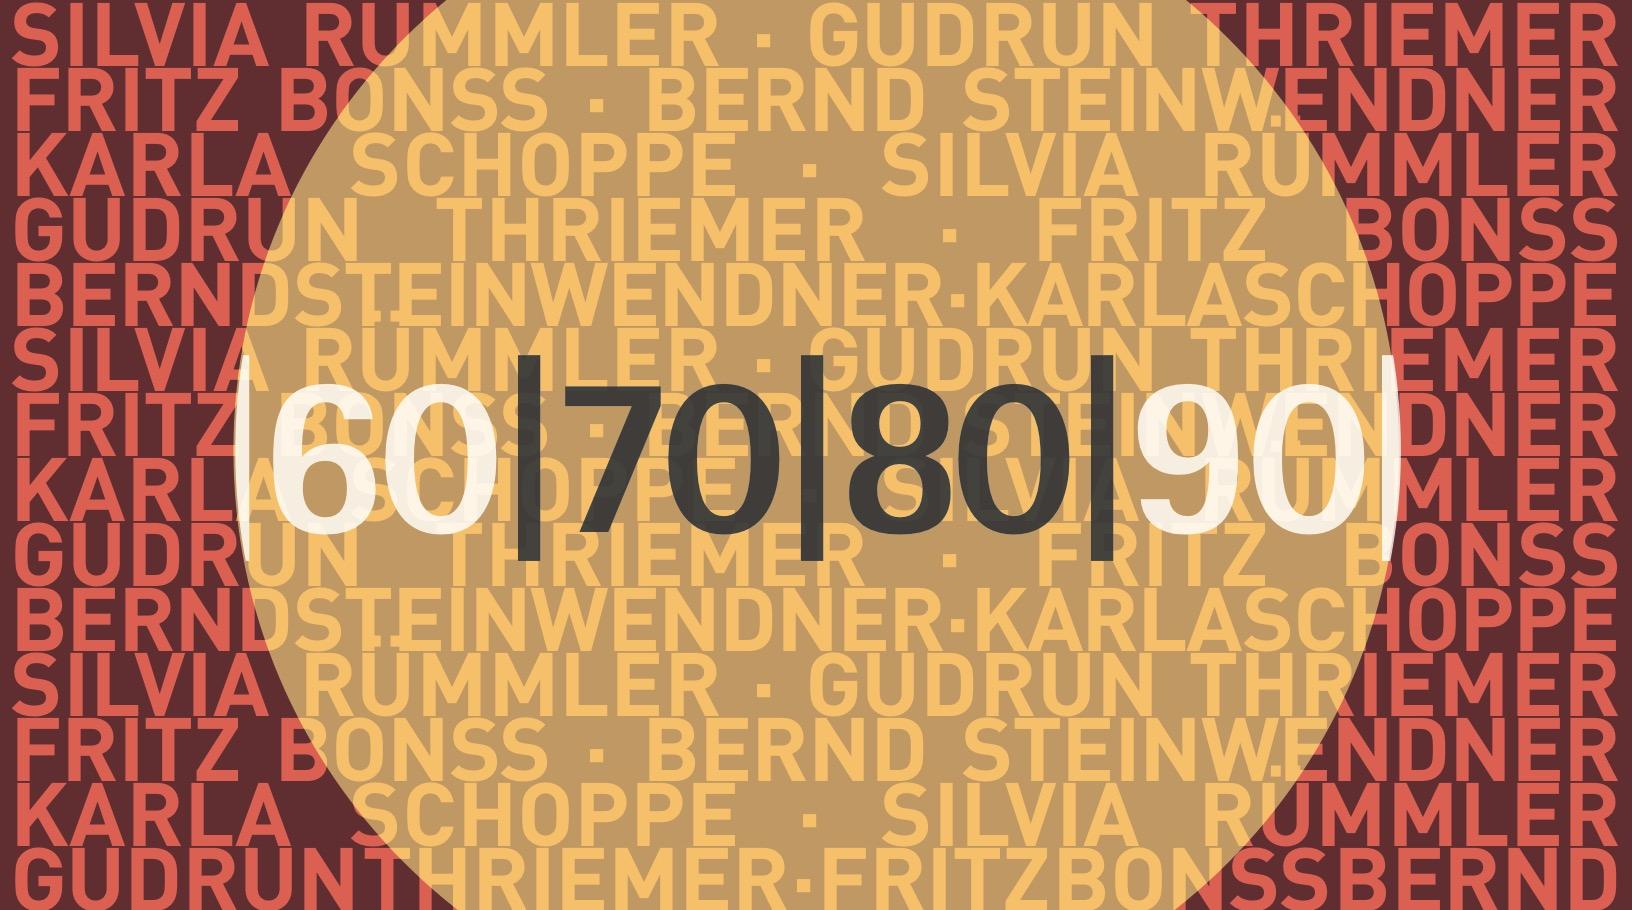 ... 70 ... 80 ... JUBILÄEN @ Chemnitzer Künstlerbund e.V. | Chemnitz | Sachsen | Deutschland